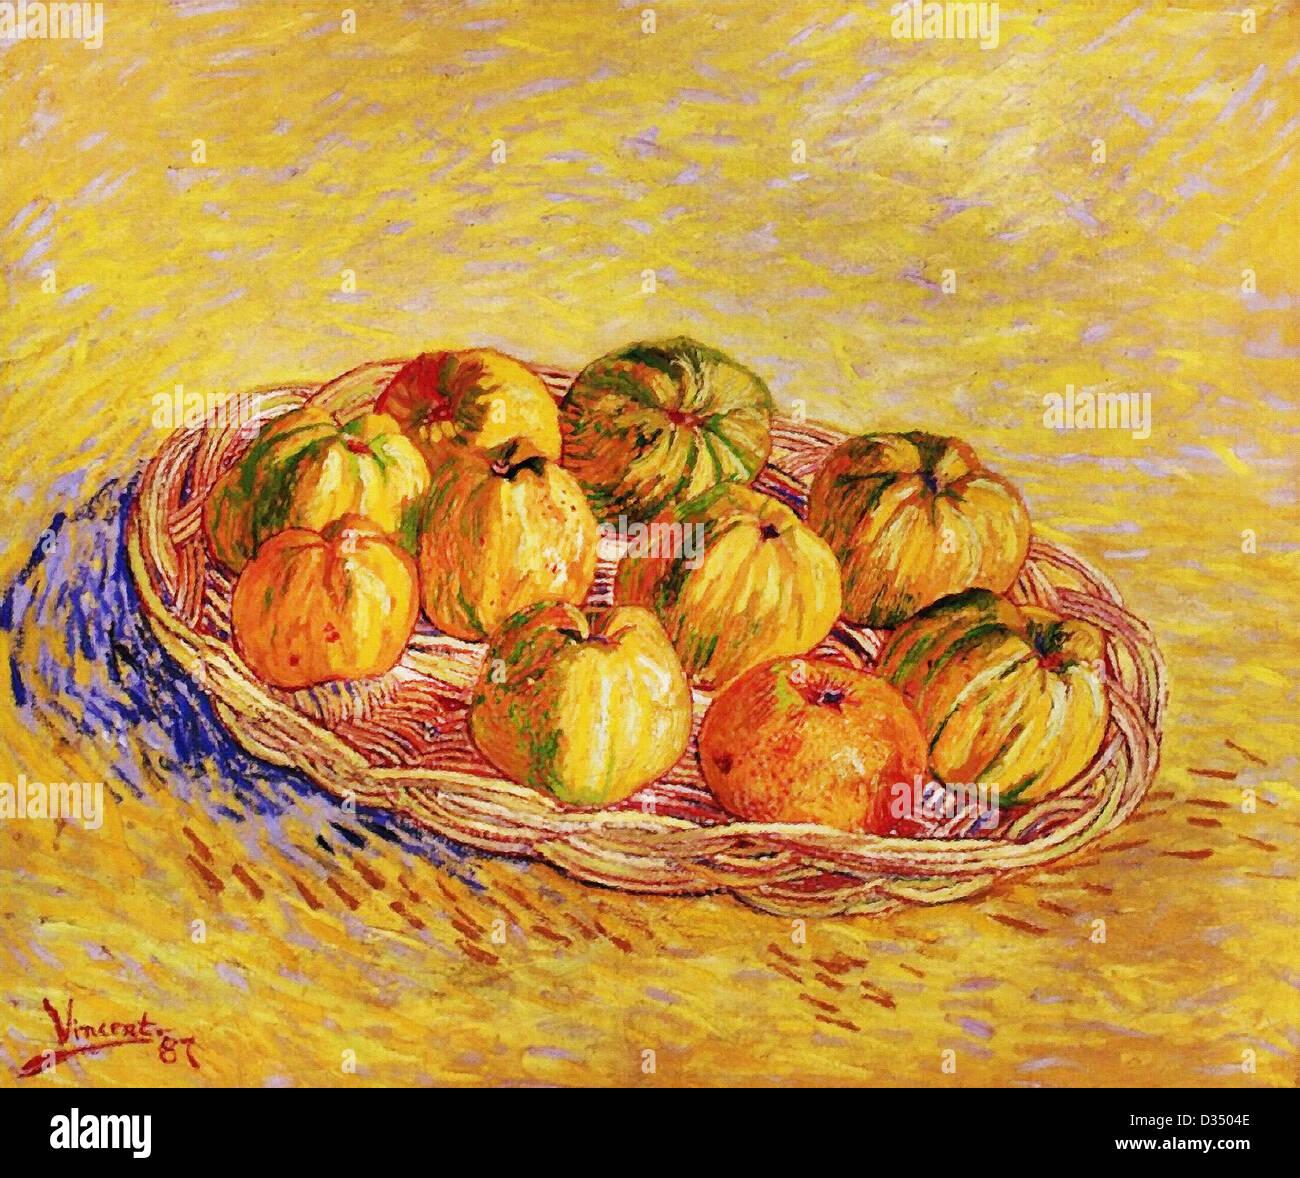 Vincent van Gogh, Still Life con cesto di mele. 1887. Post-Impressionism. Olio su tela. Immagini Stock